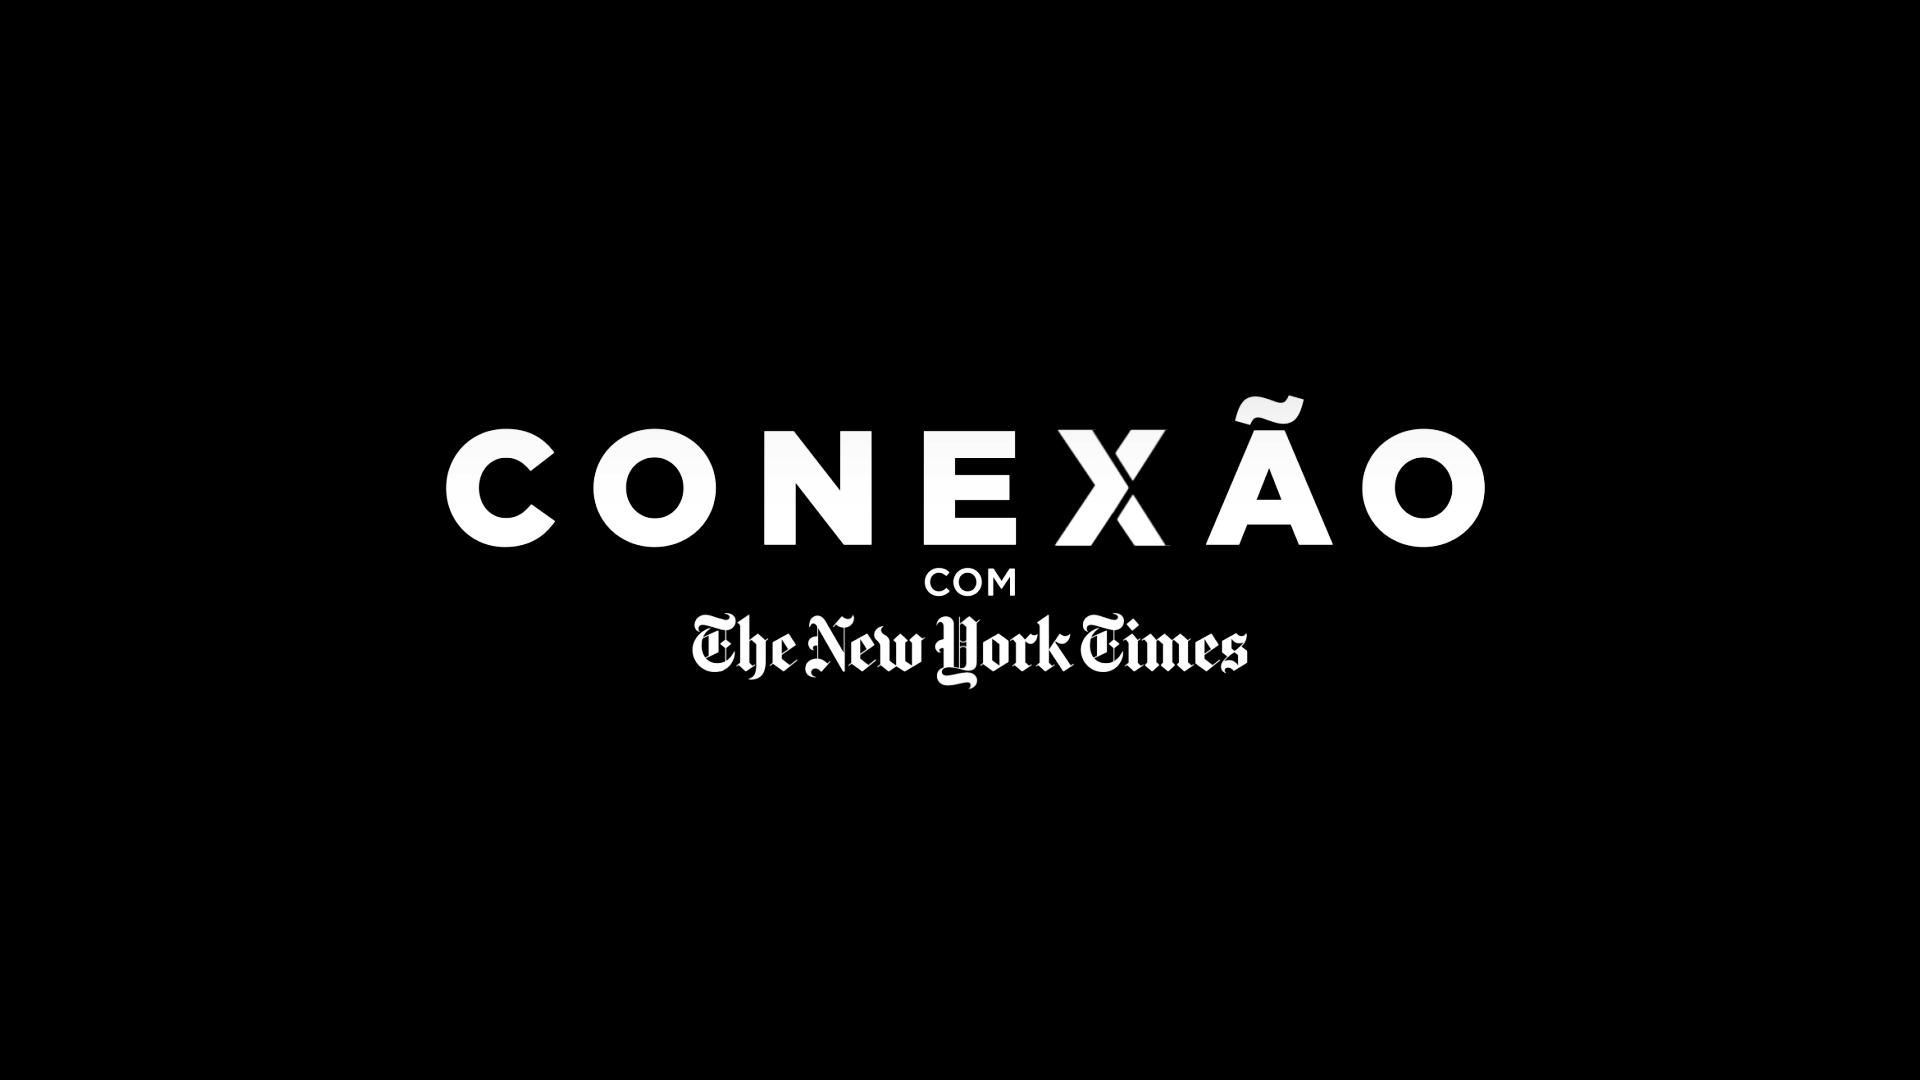 CONEXÃO COM THE NEW YORK TIMES